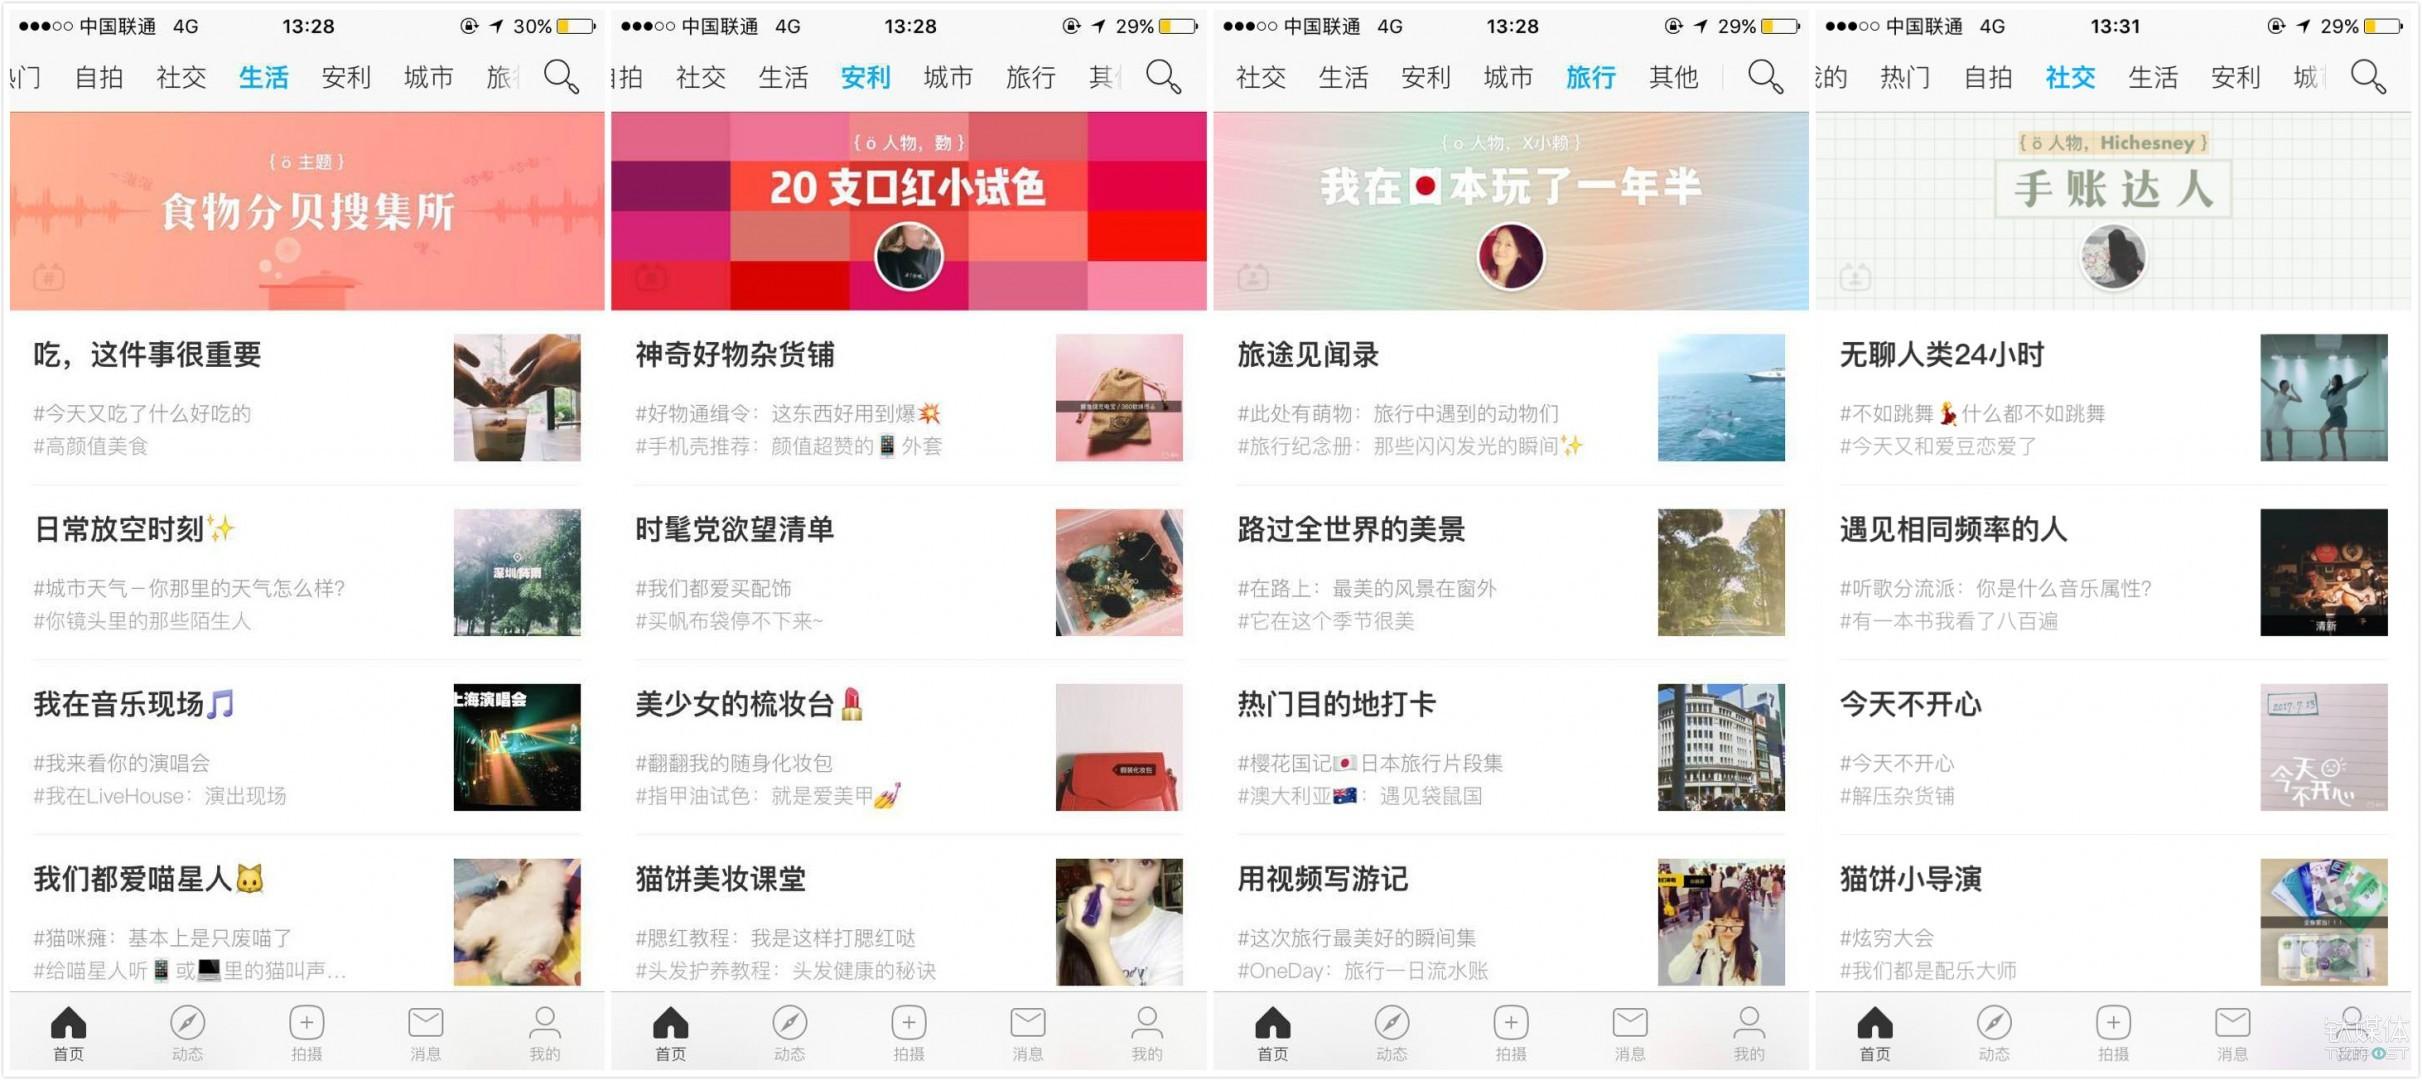 猫饼试图用频道来覆盖目标用户——少女们的每一个分享场景